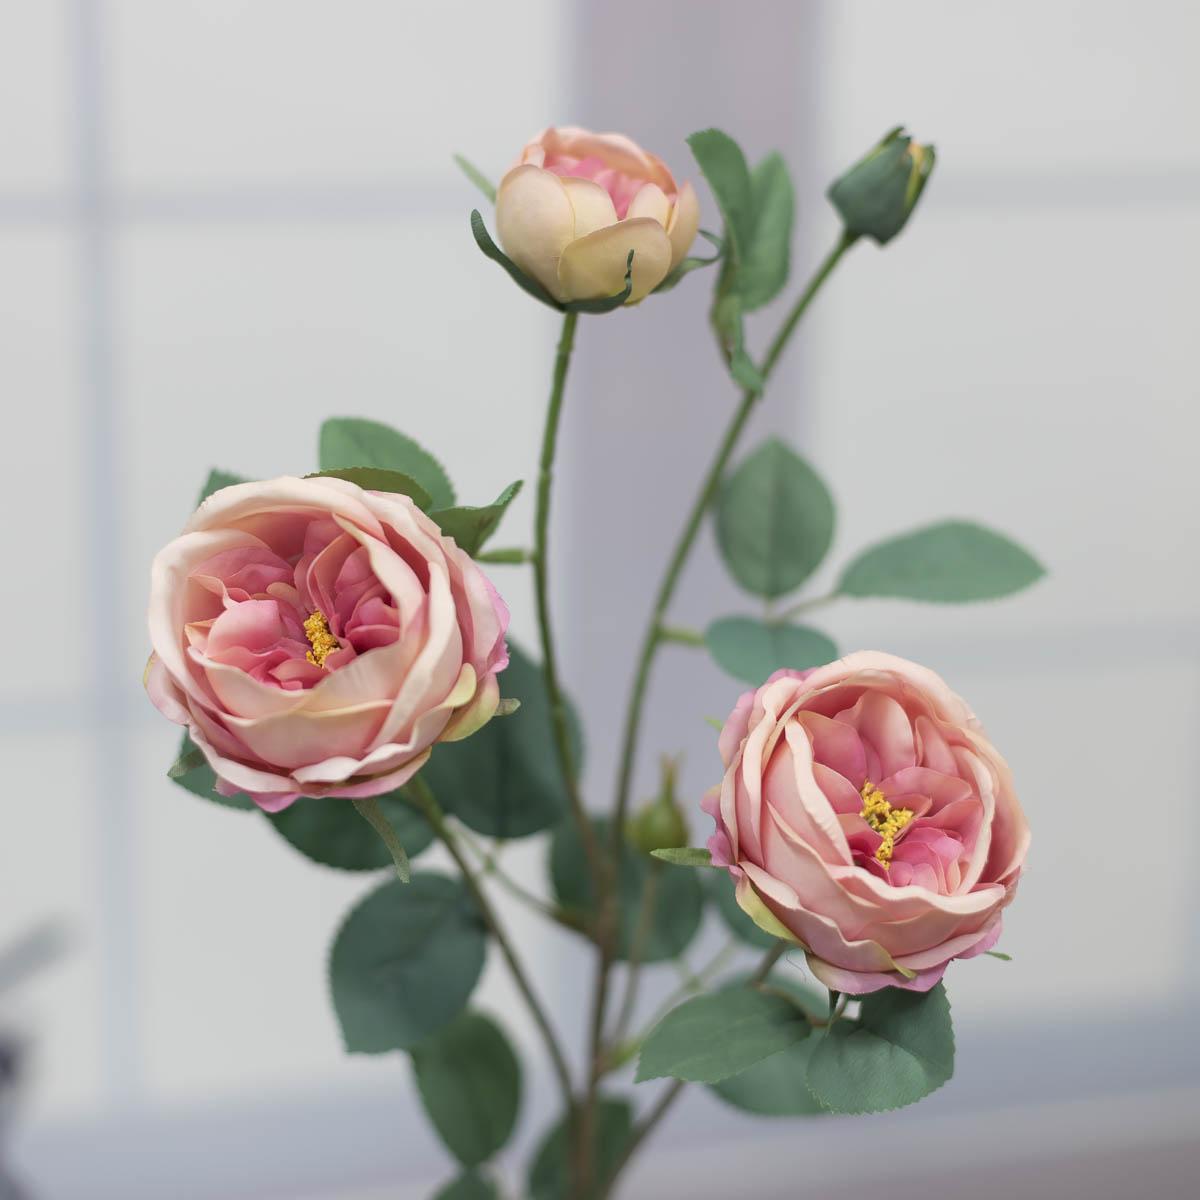 오스틴 줄리엣 장미 꽃 가지 Pink(핑크)